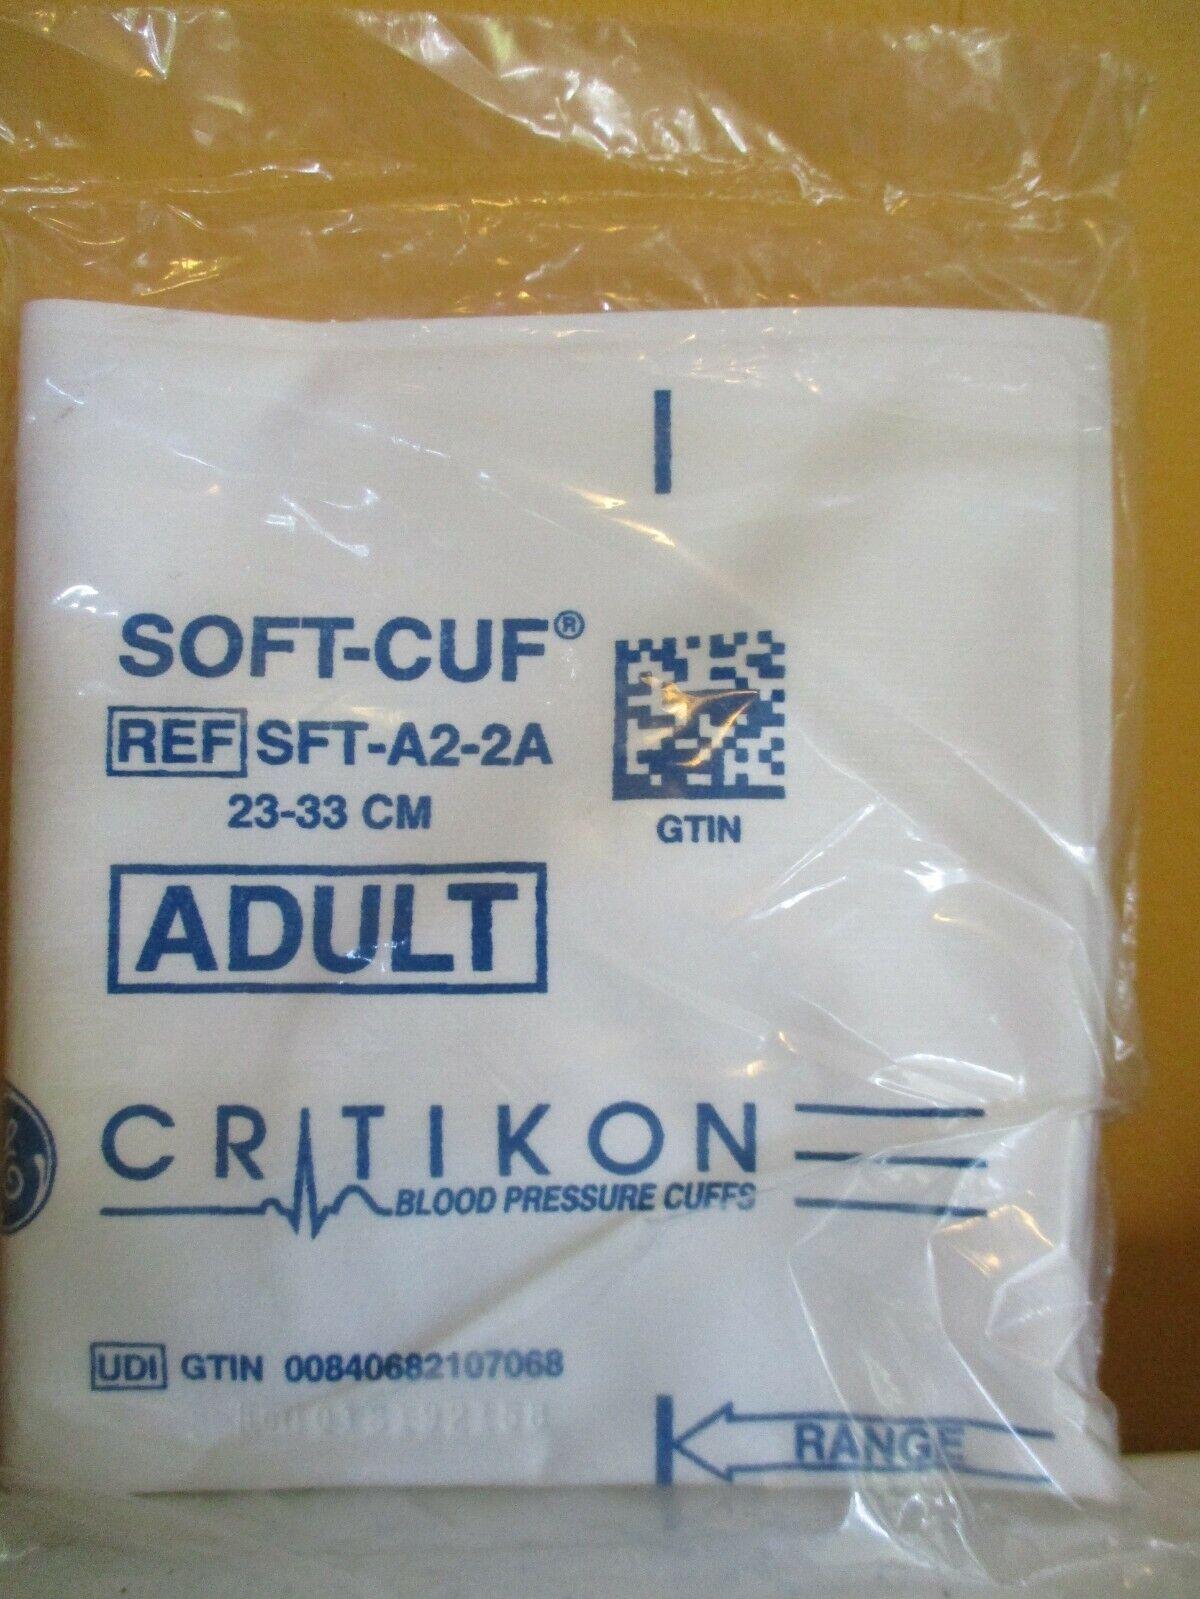 GE Critikon Soft-cuf Adult Blood Pressure Cuff Ref# SFT-A2-2A 23-33 CM